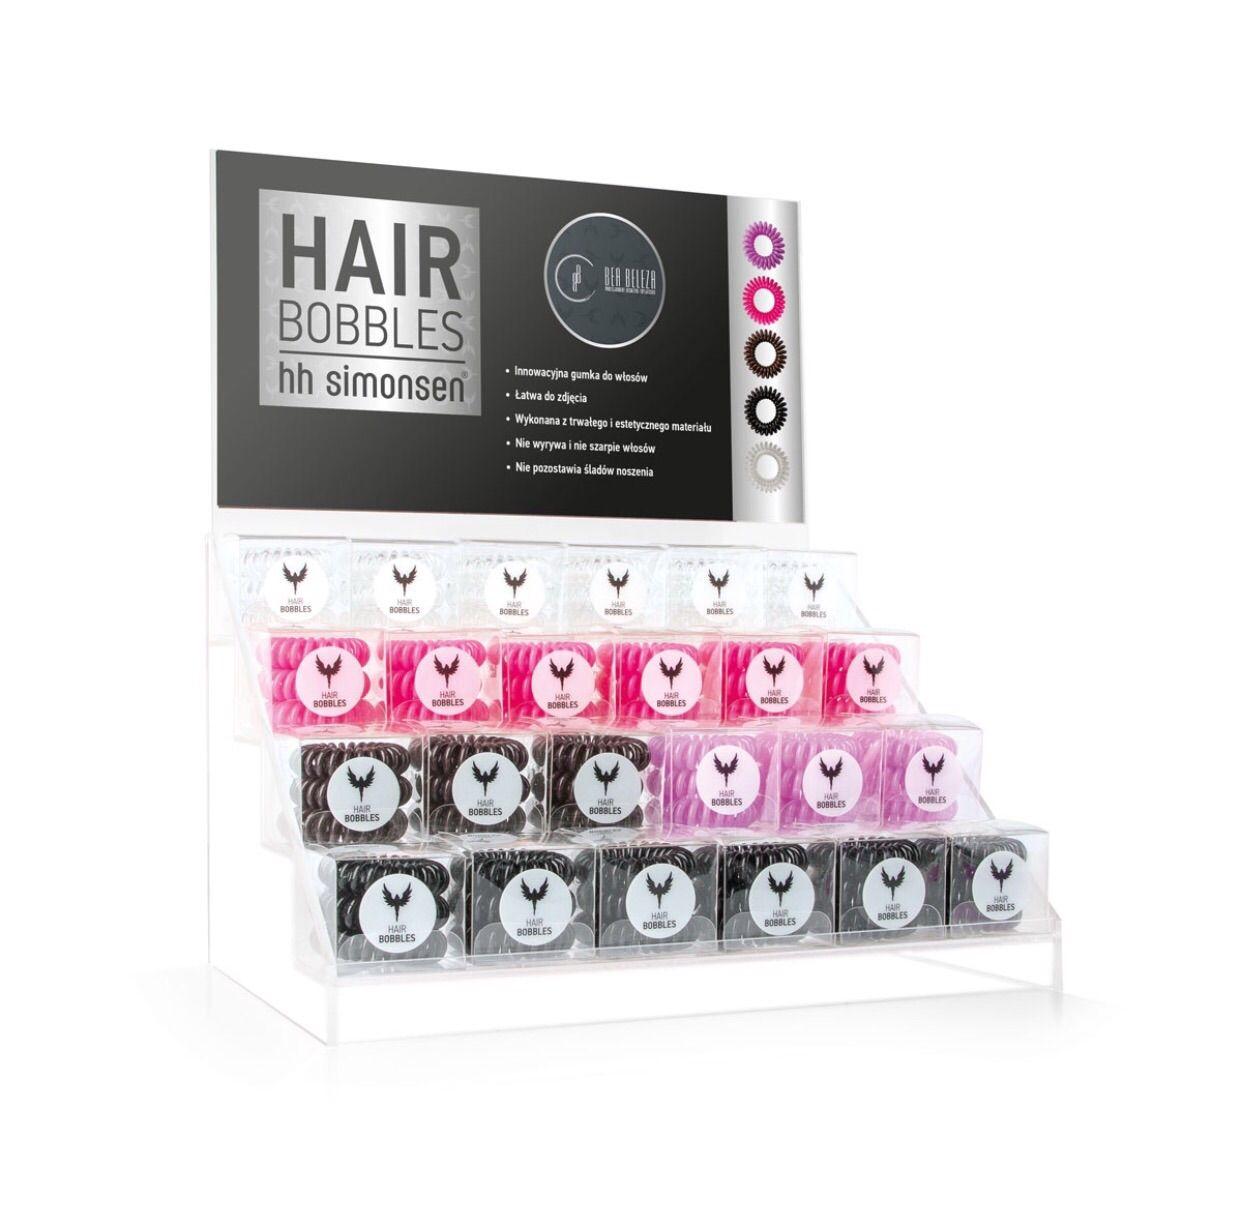 Hh Simonsen Hair Boblles elastico per capelli - KIT 24 scatole assortite più espositore